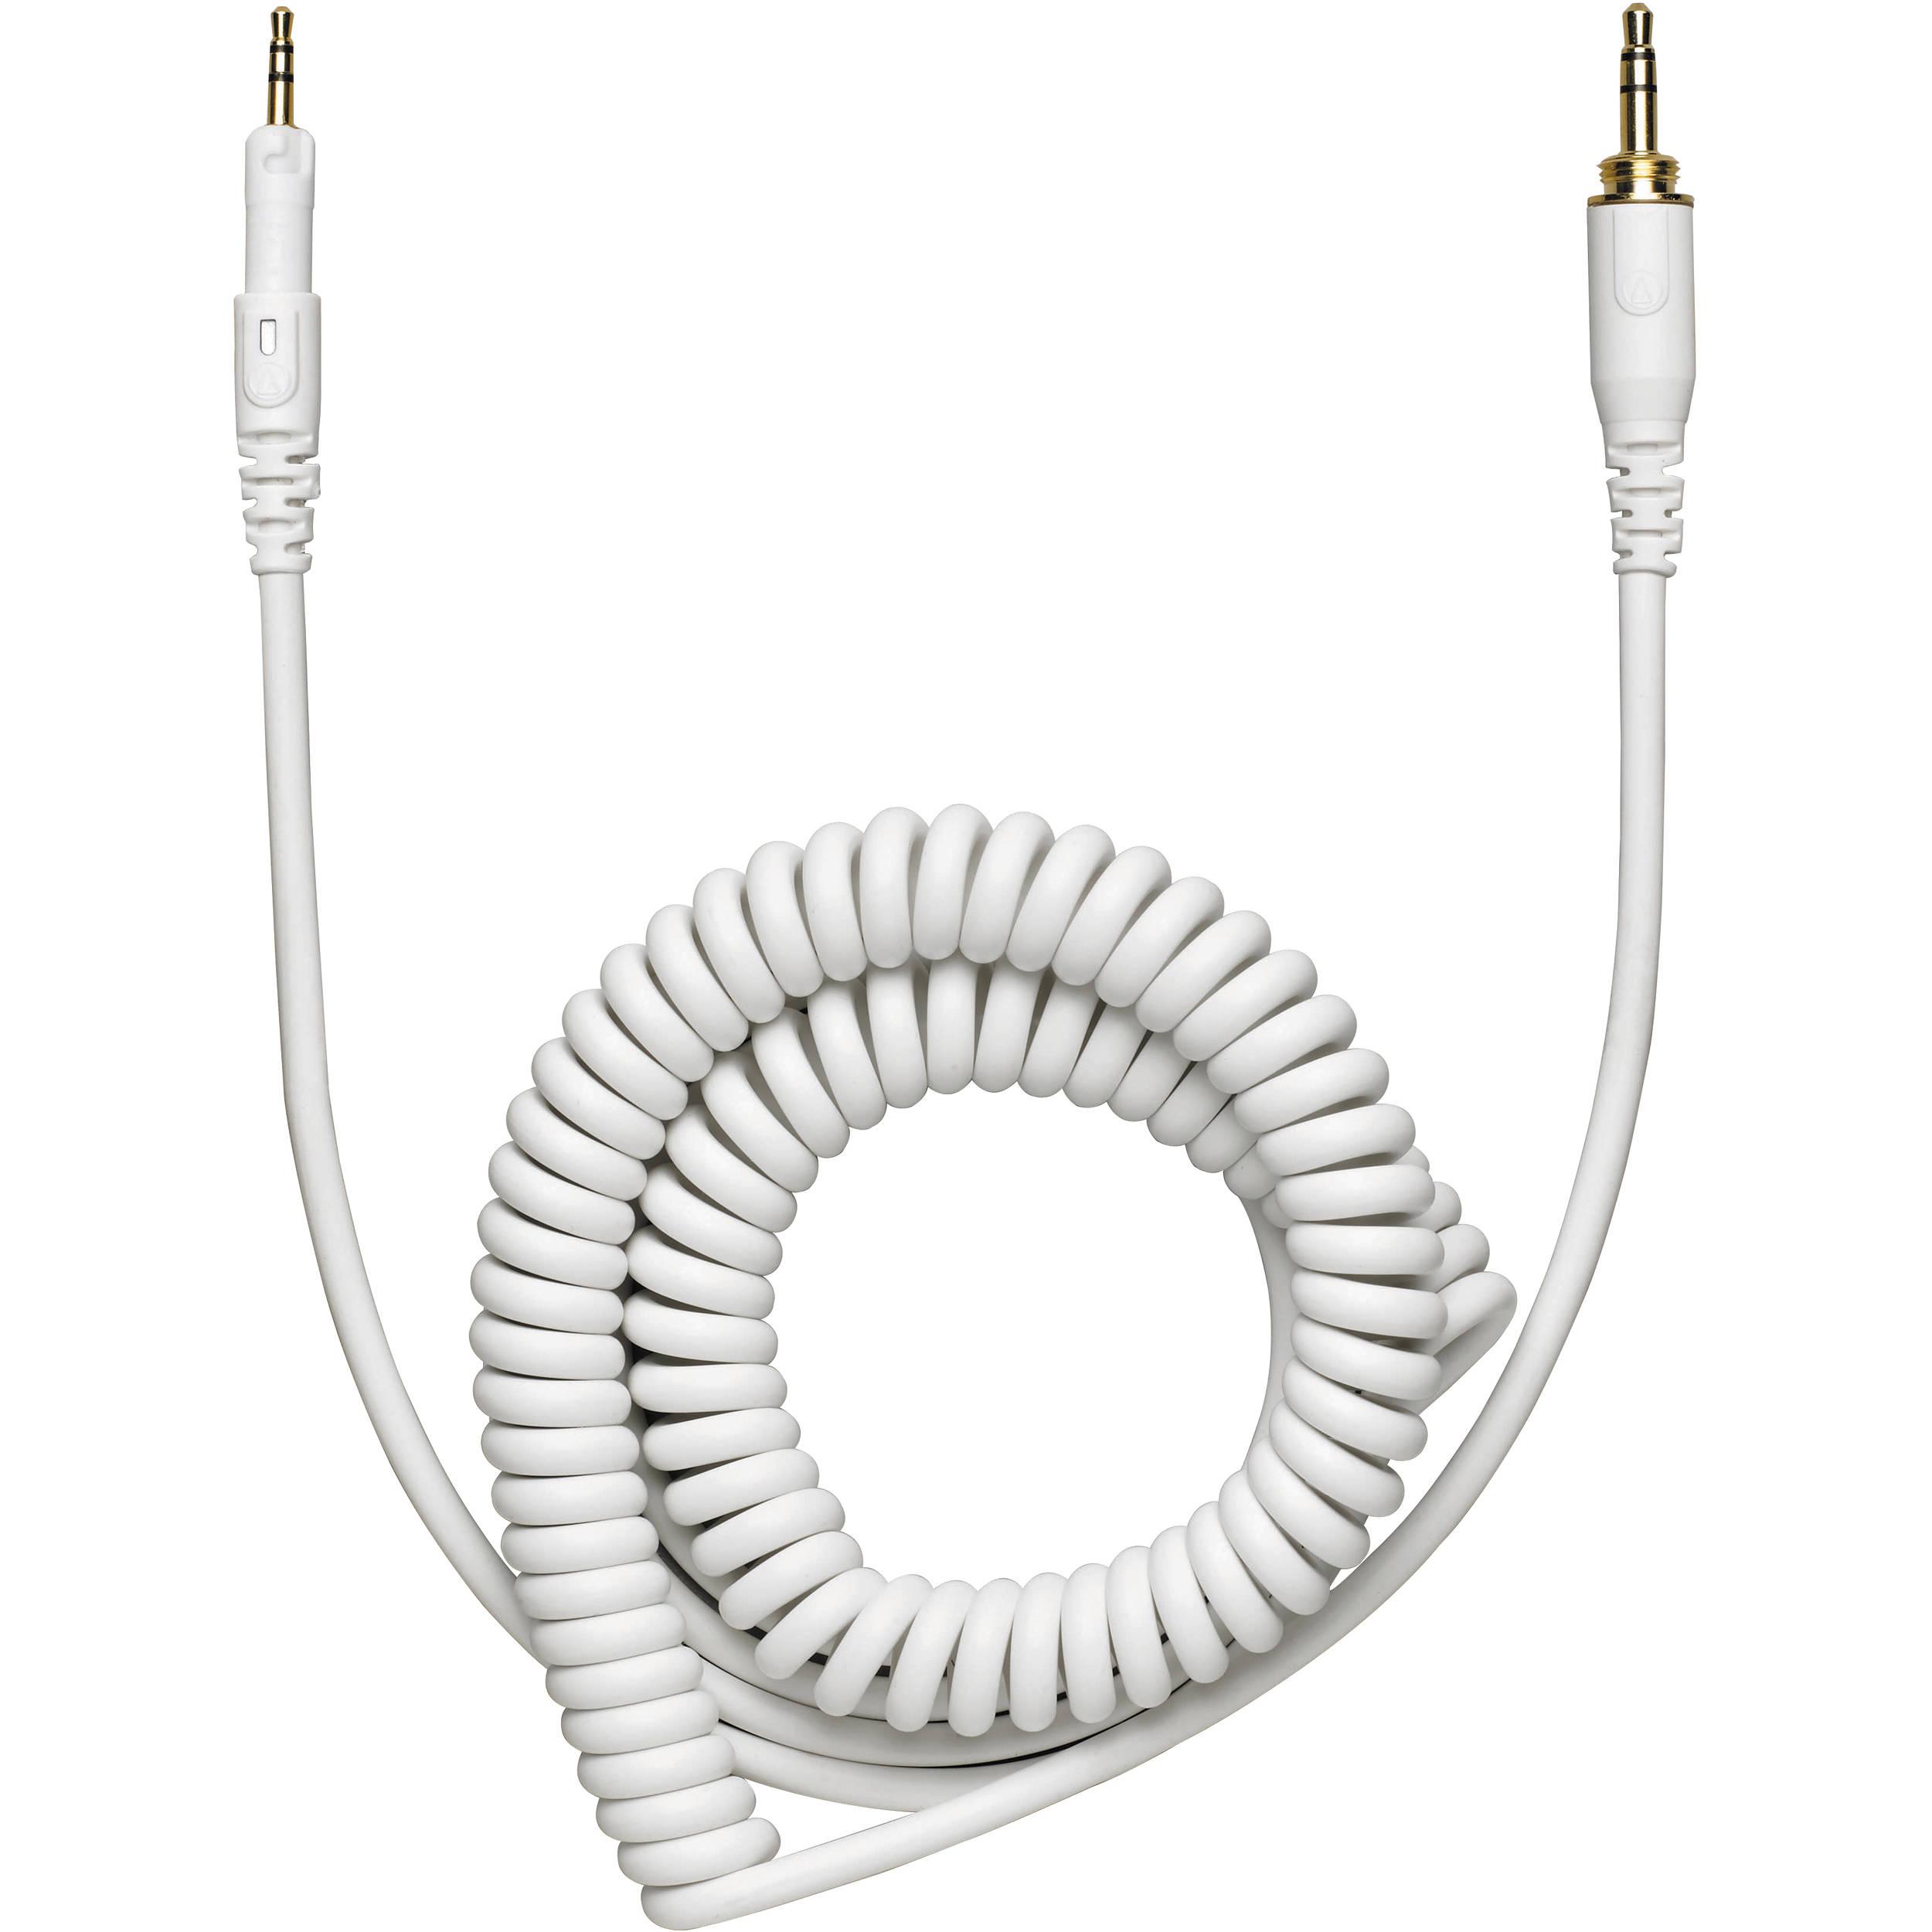 6 Pin Telephone Cord